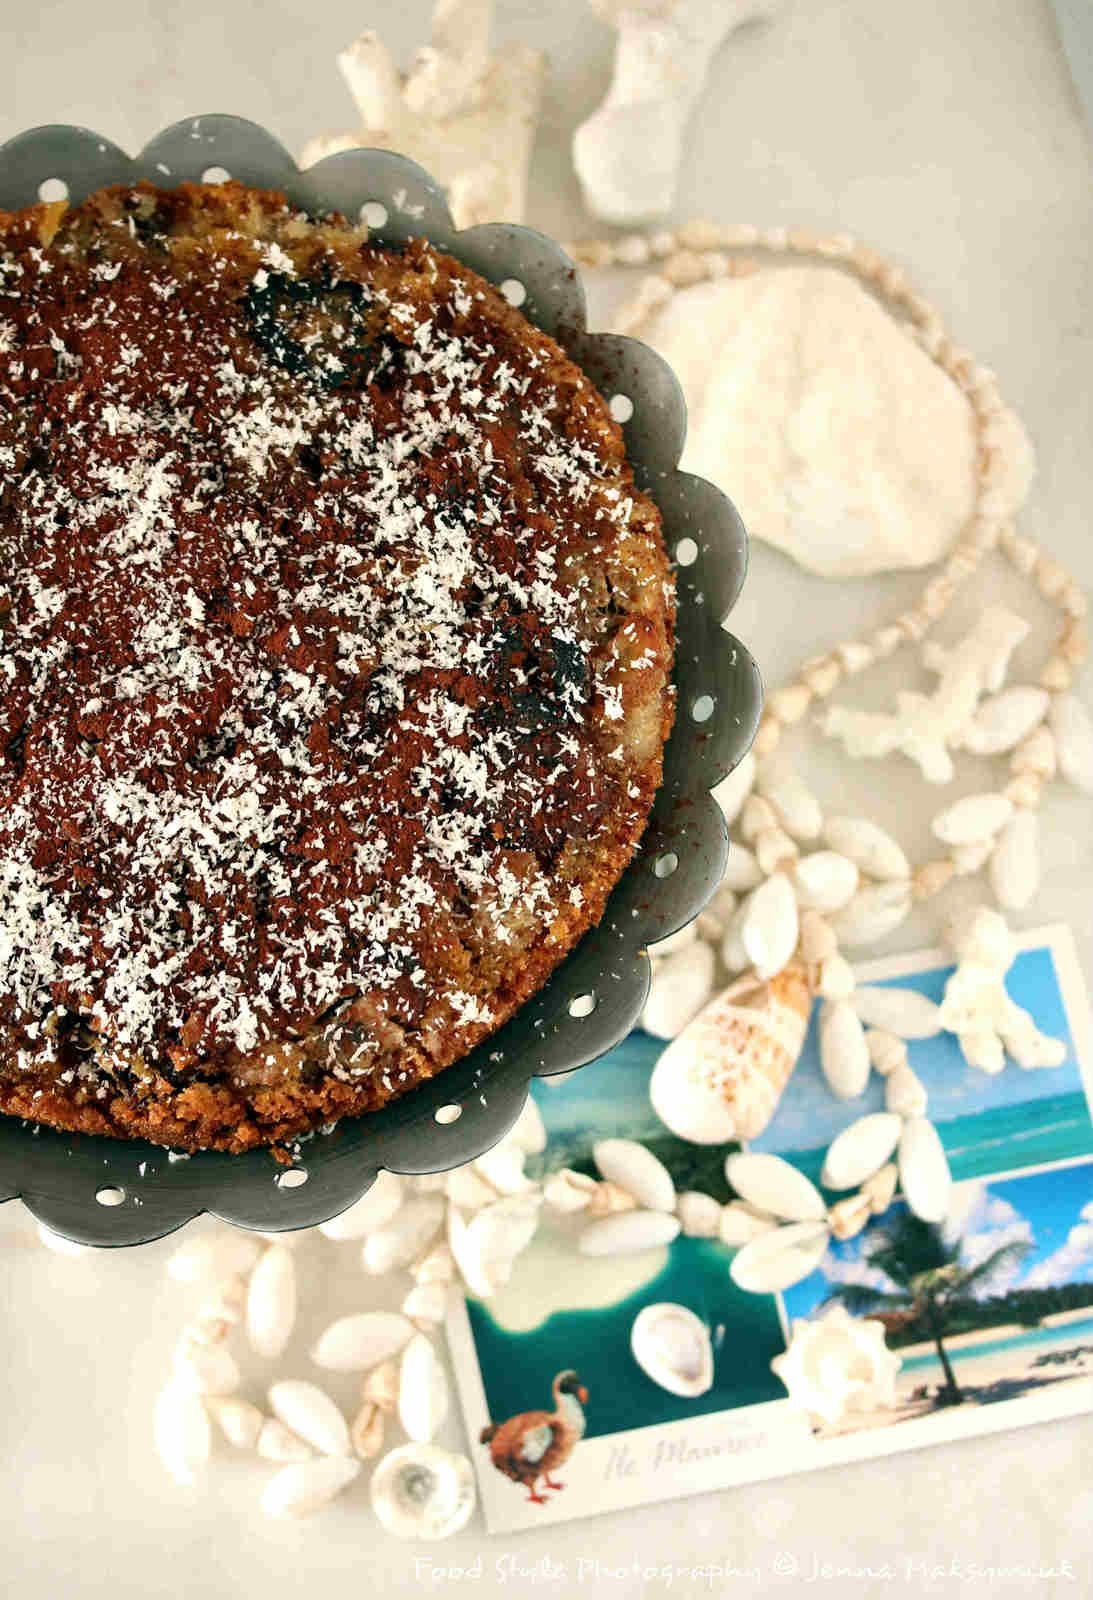 Bistro de Jenna Food Style Photography © Jenna Maksymiuk